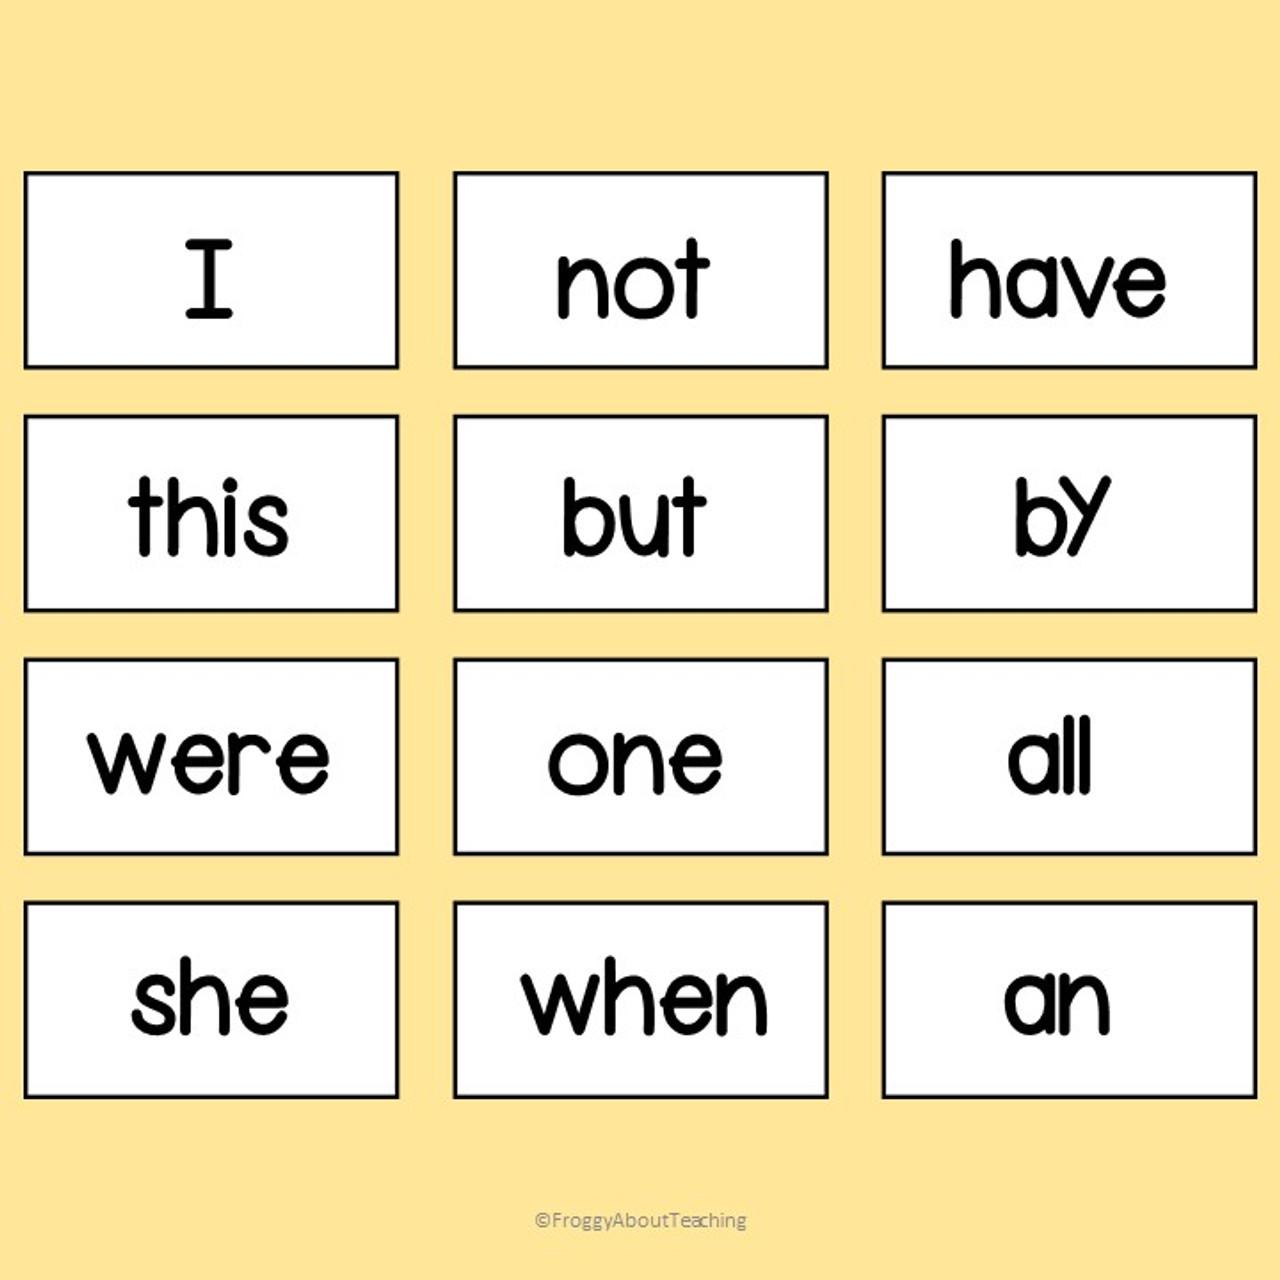 107 Sight Words Fill-In Sentences